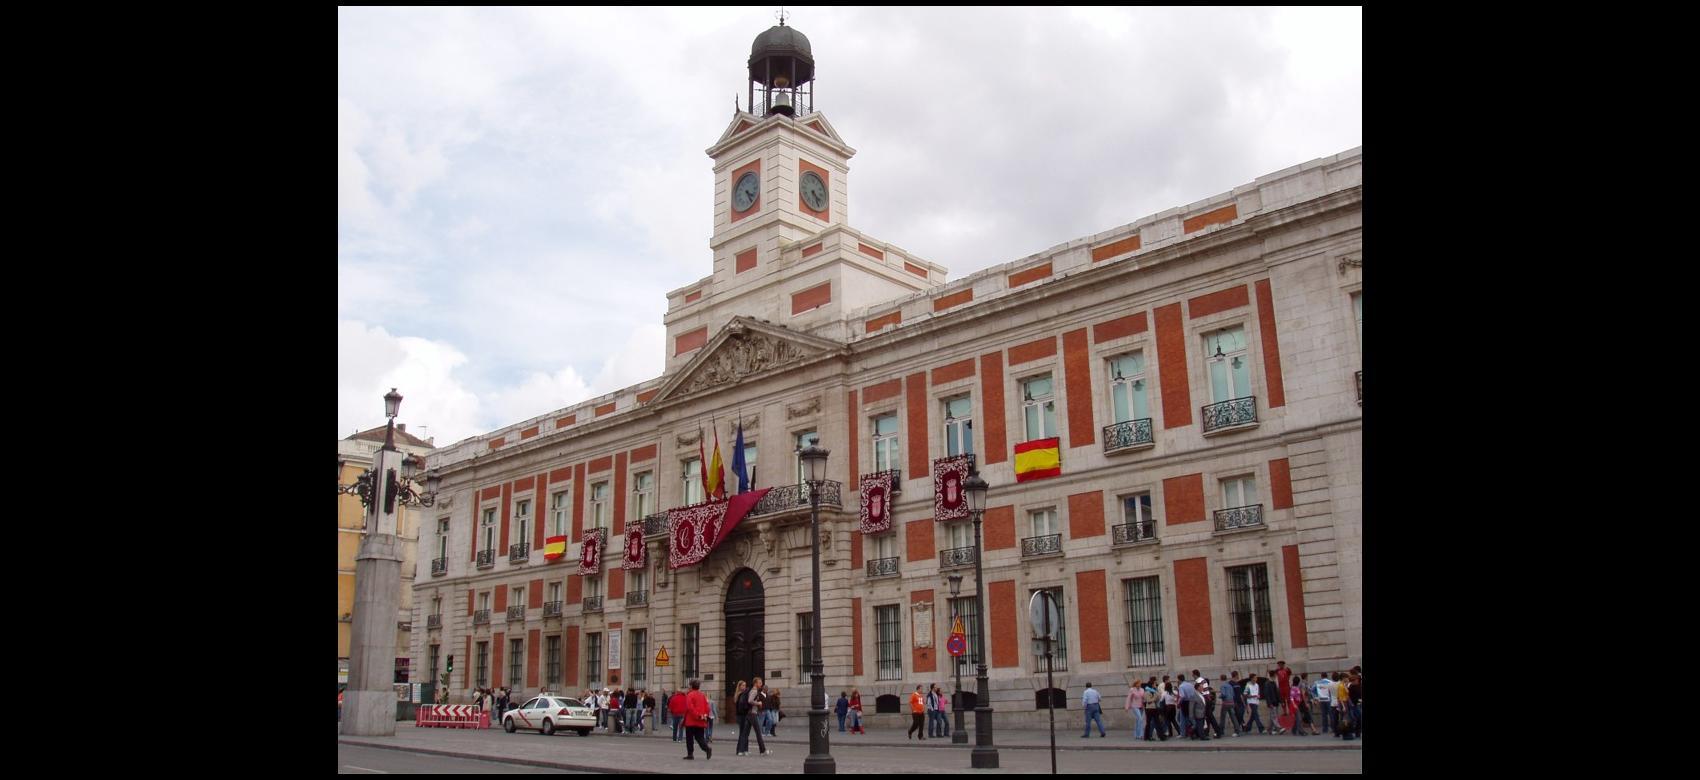 Imagen de la fachada de la Casa de Correos, en la Puerta del Sol de Madrid